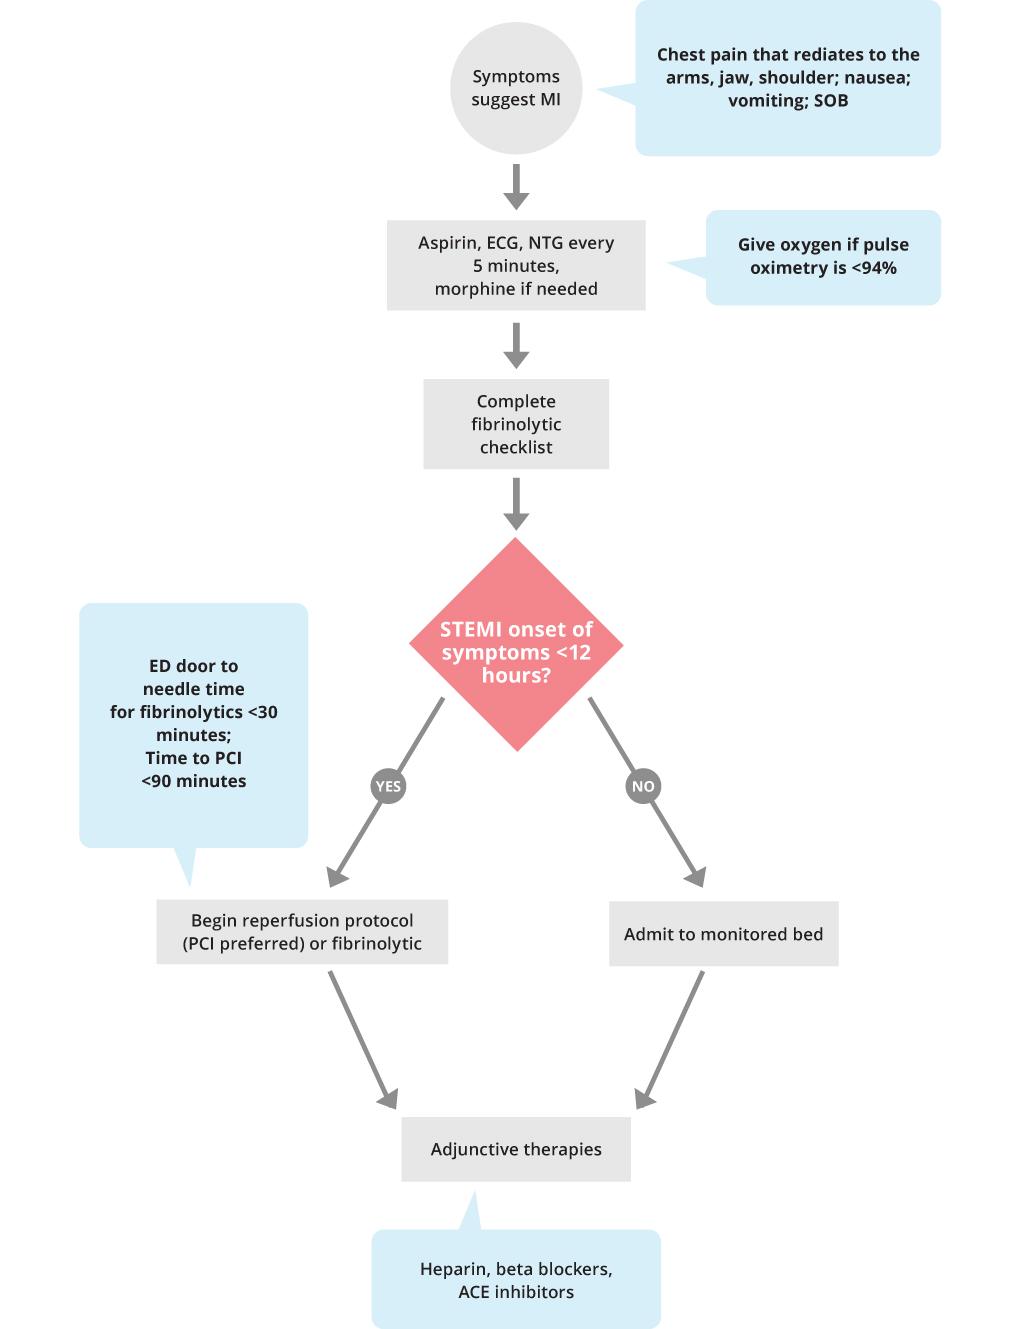 ACLS Acute Coronary Syndrome Algorithm